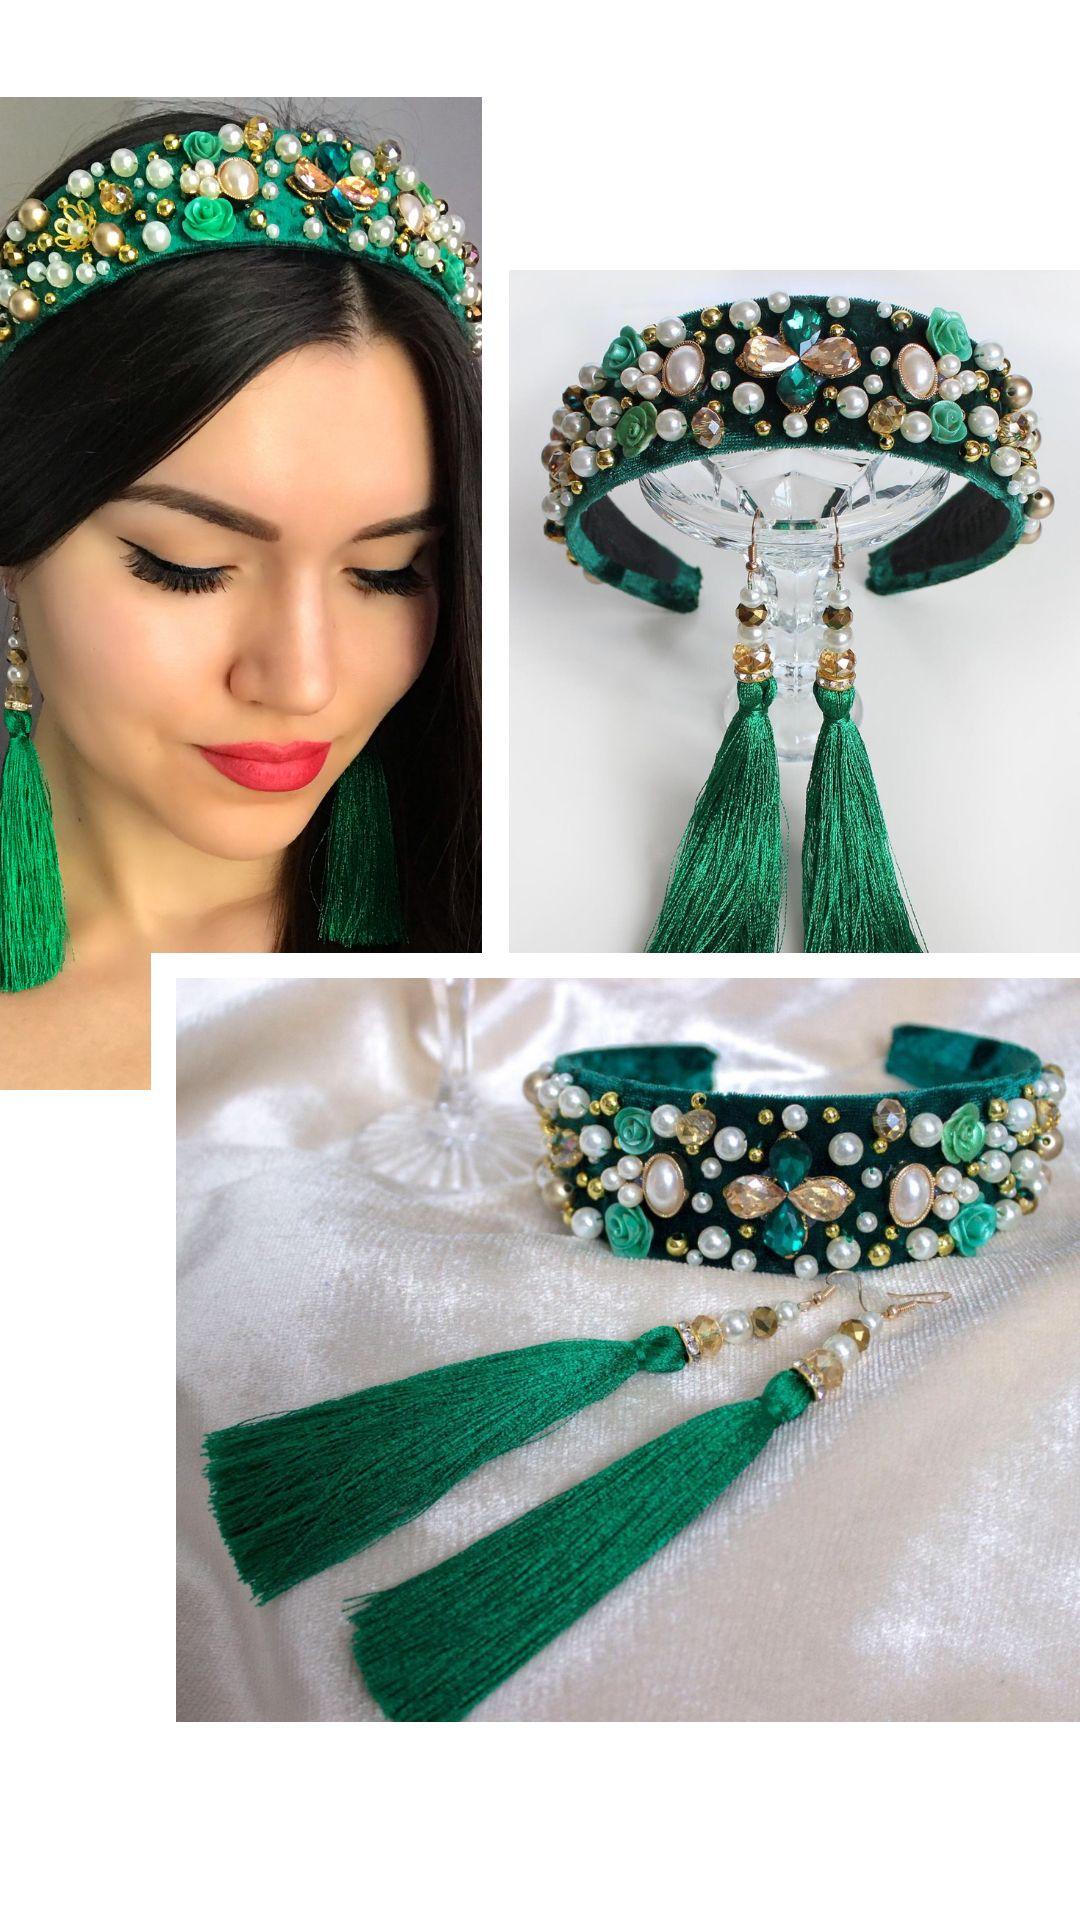 Sparkle Crystal Beads Flower Headband Hair Band Elastic Bridal Headpiece